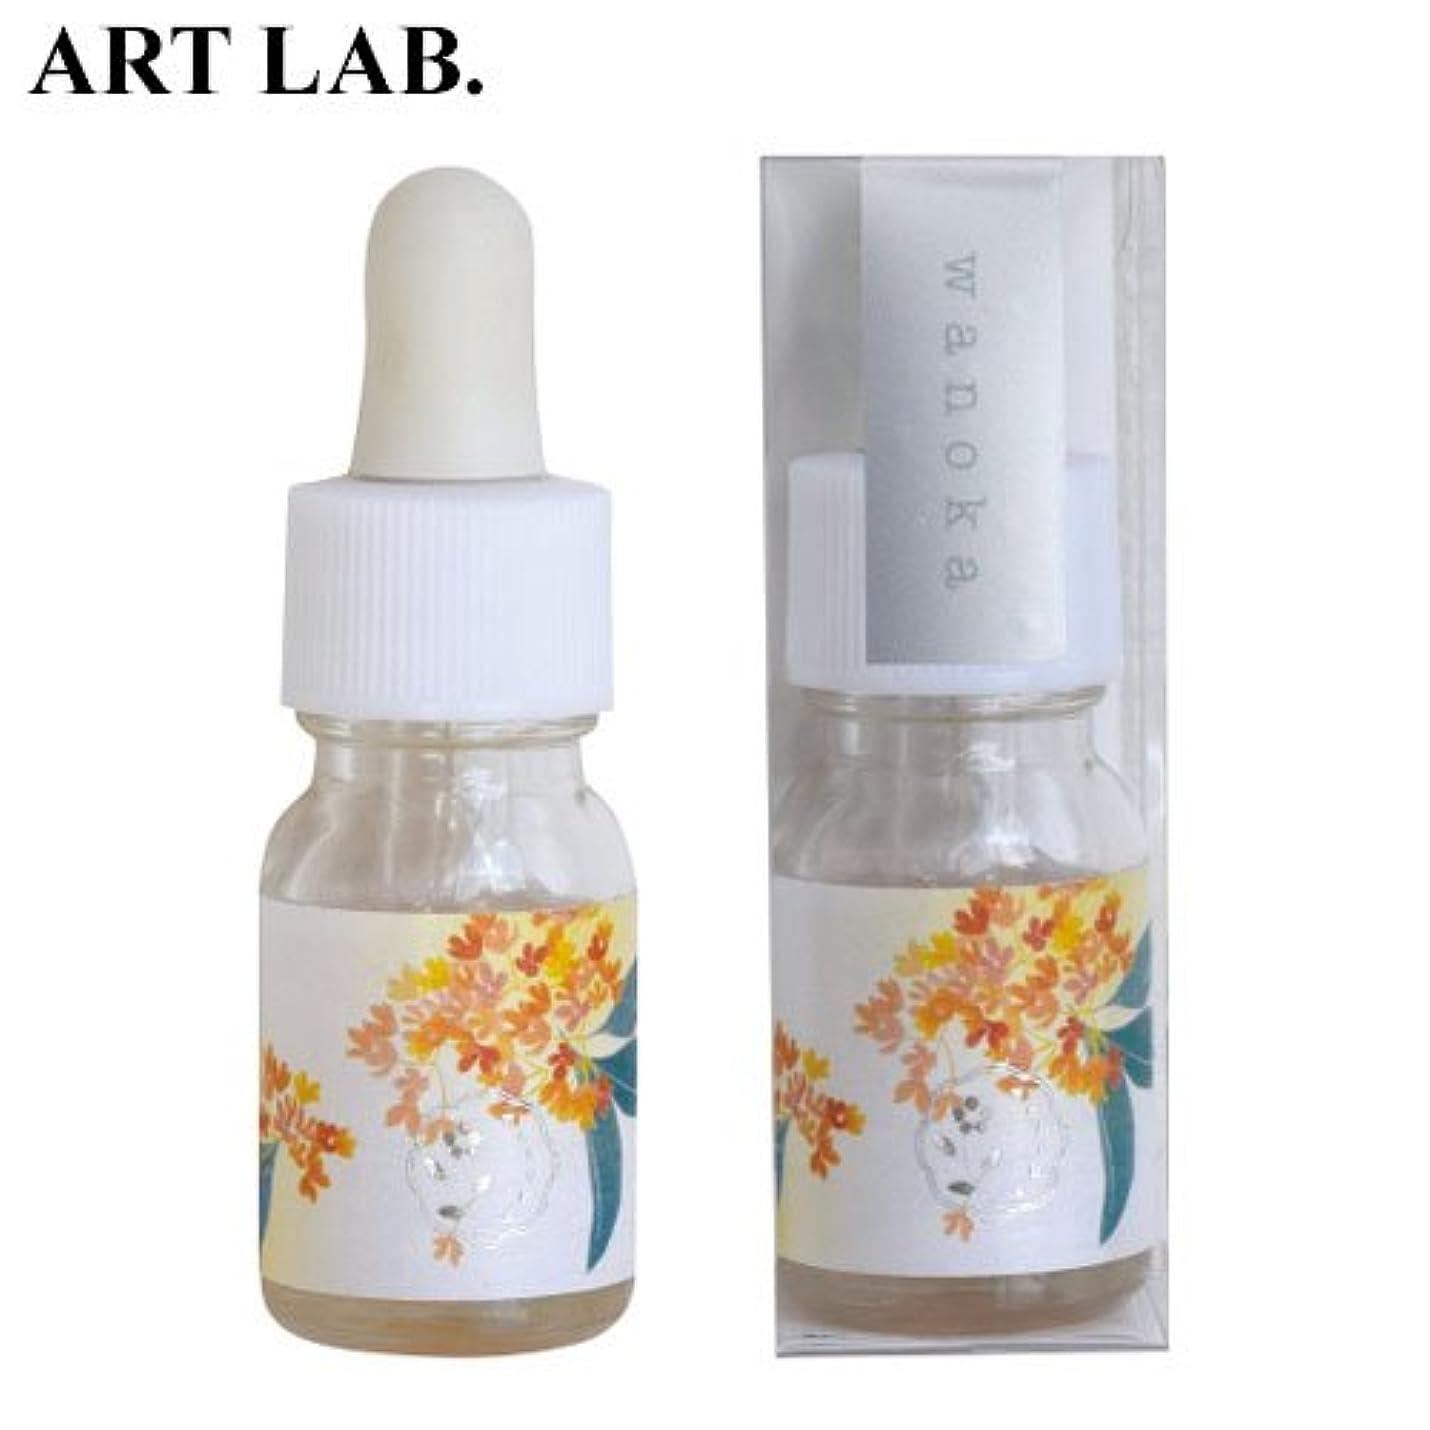 スペシャリスト受動的フェードアウトwanoka香油アロマオイル金木犀《果実のような甘い香り》ART LABAromatic oil